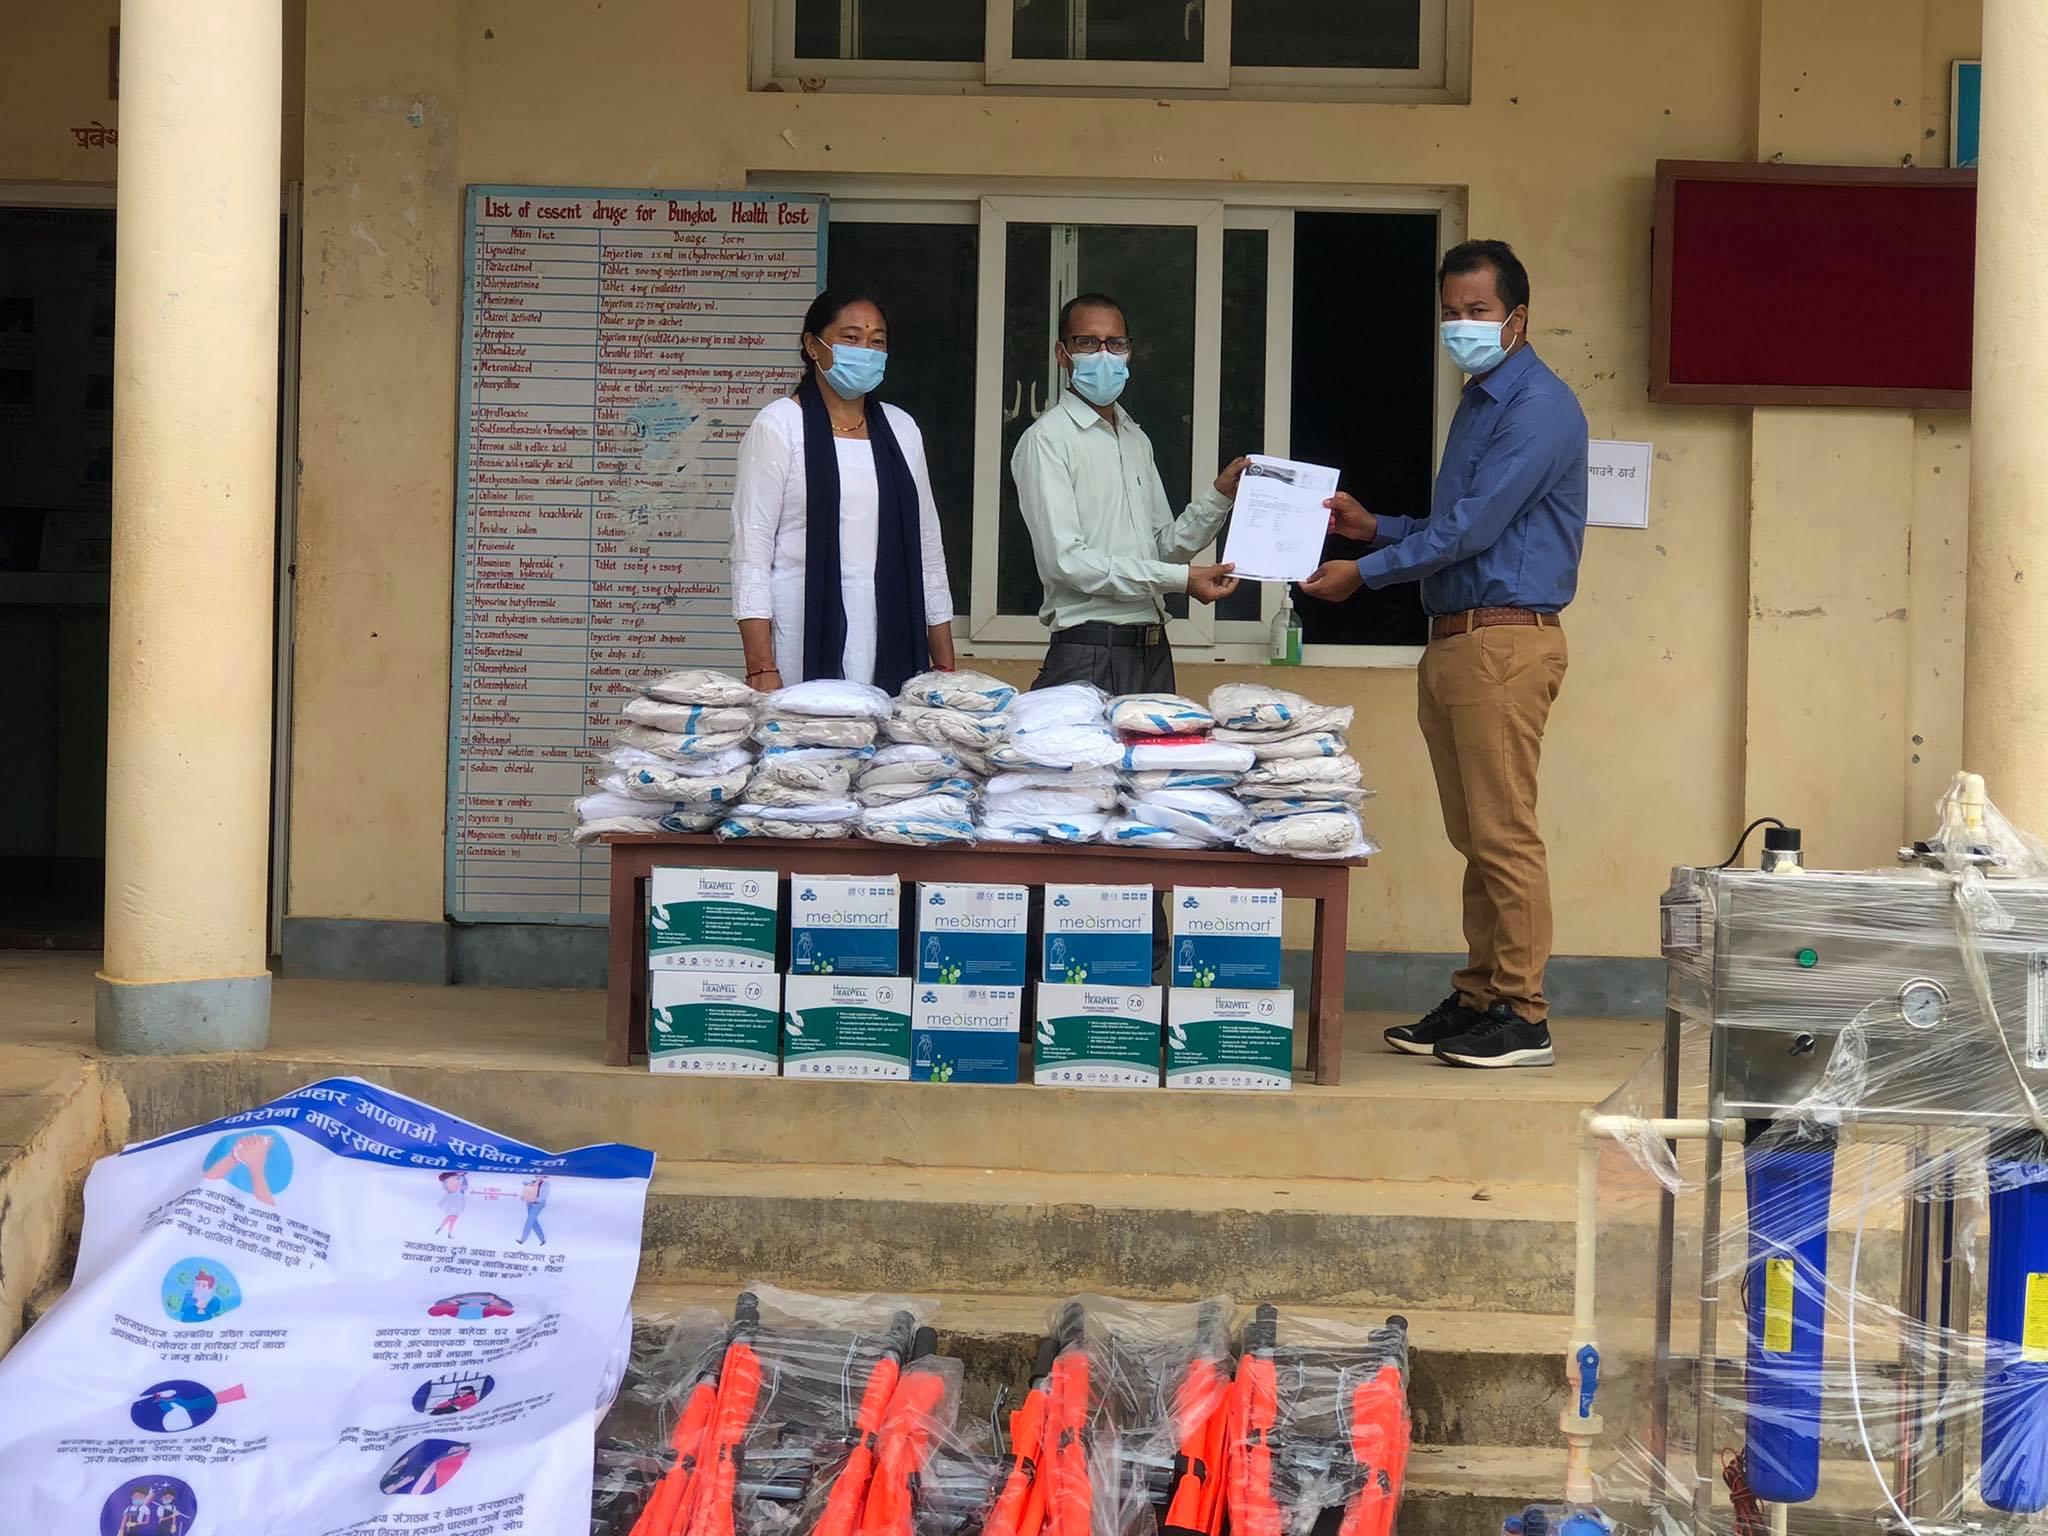 'वाईन टु वाटर नेपाल'द्वारा बुङ्कोट स्वास्थ्यचौकीलाई स्वास्थ्य सामग्री